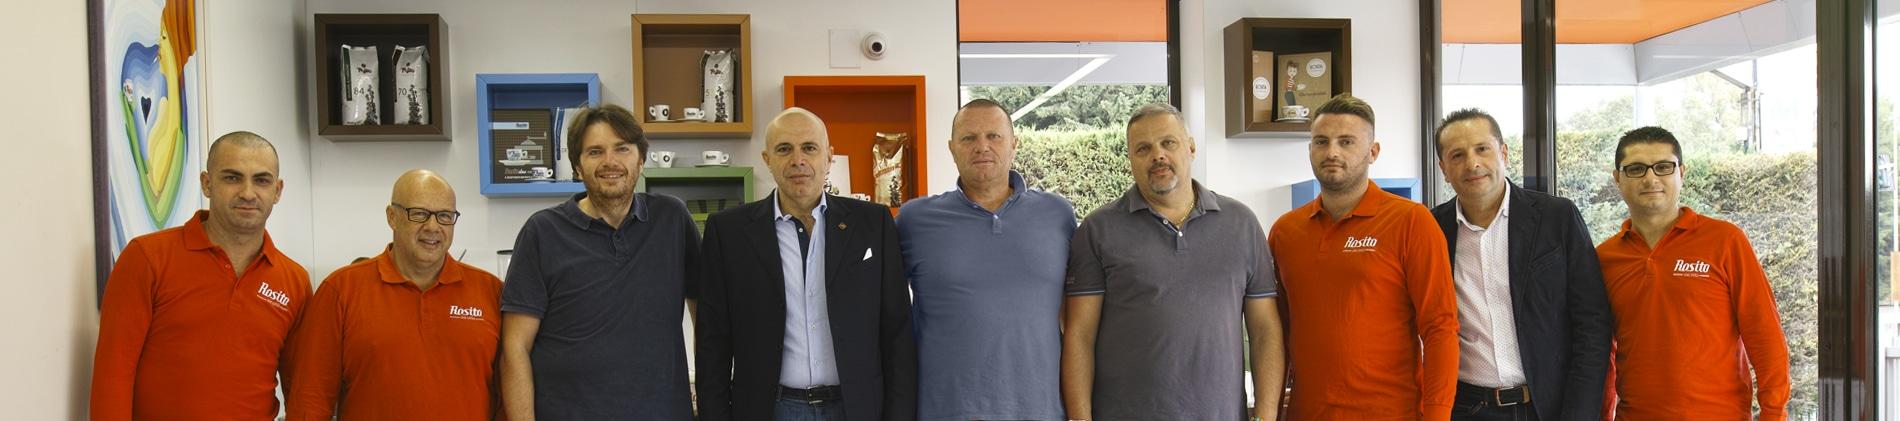 Team Rosito